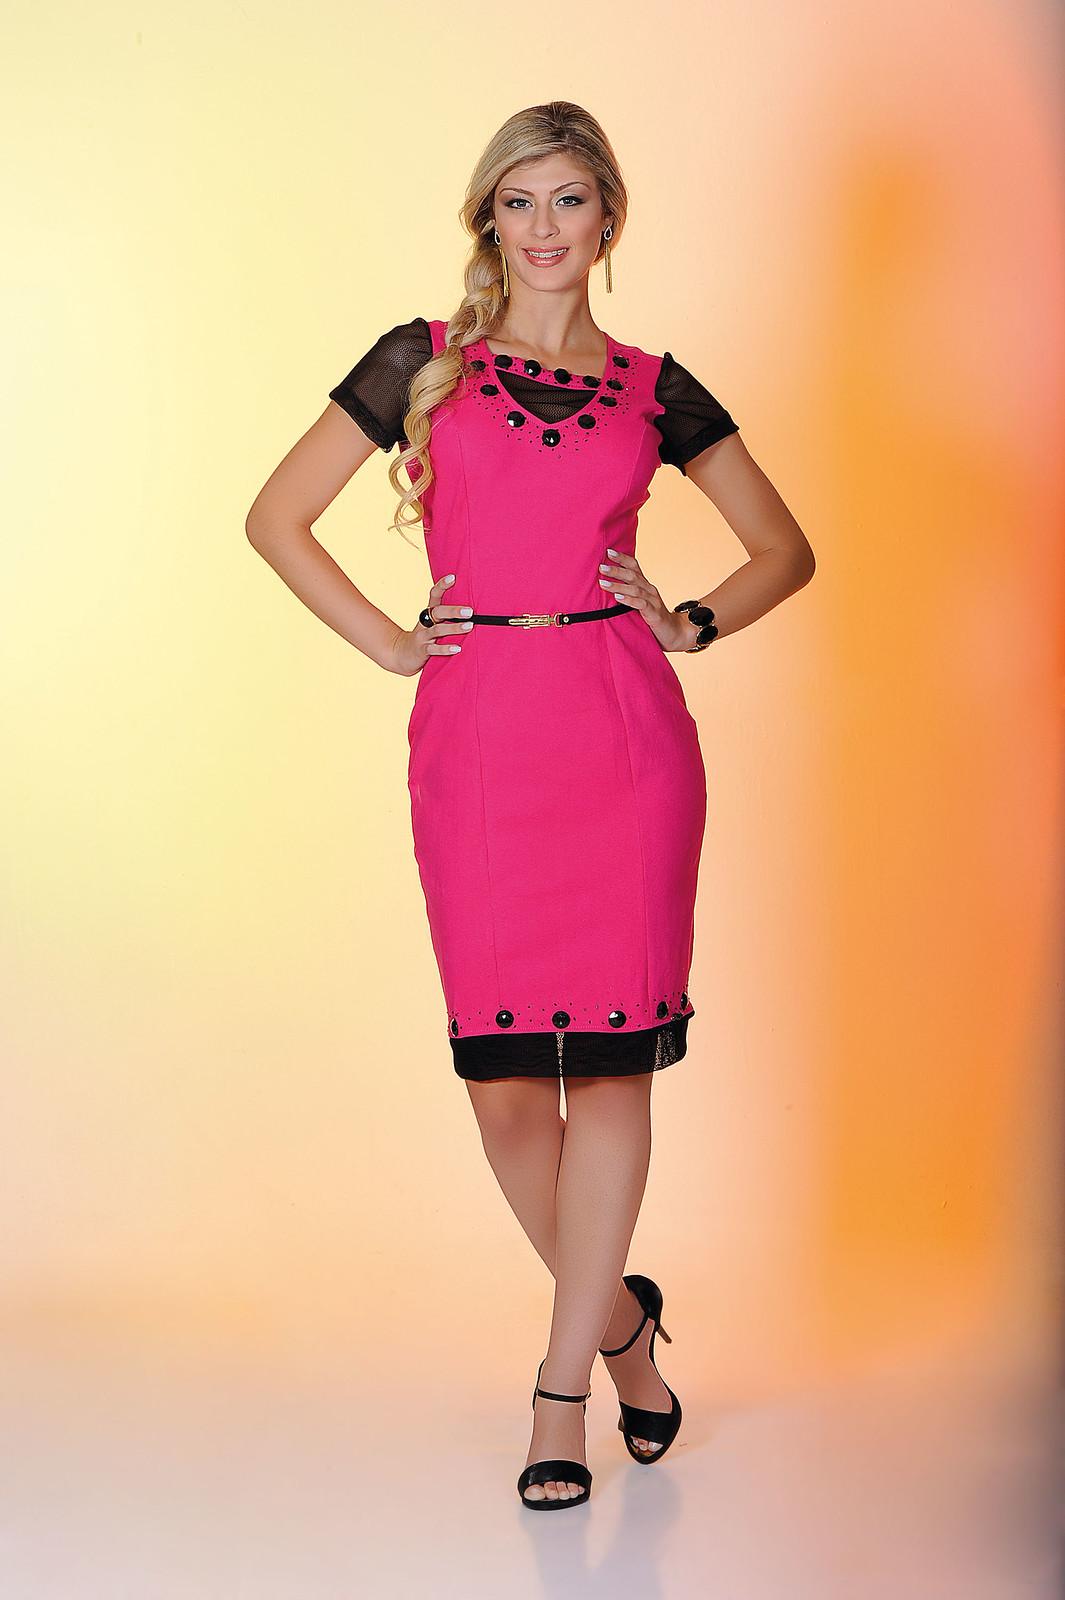 Moda de evangélicas vestidos 2013 - Imagui